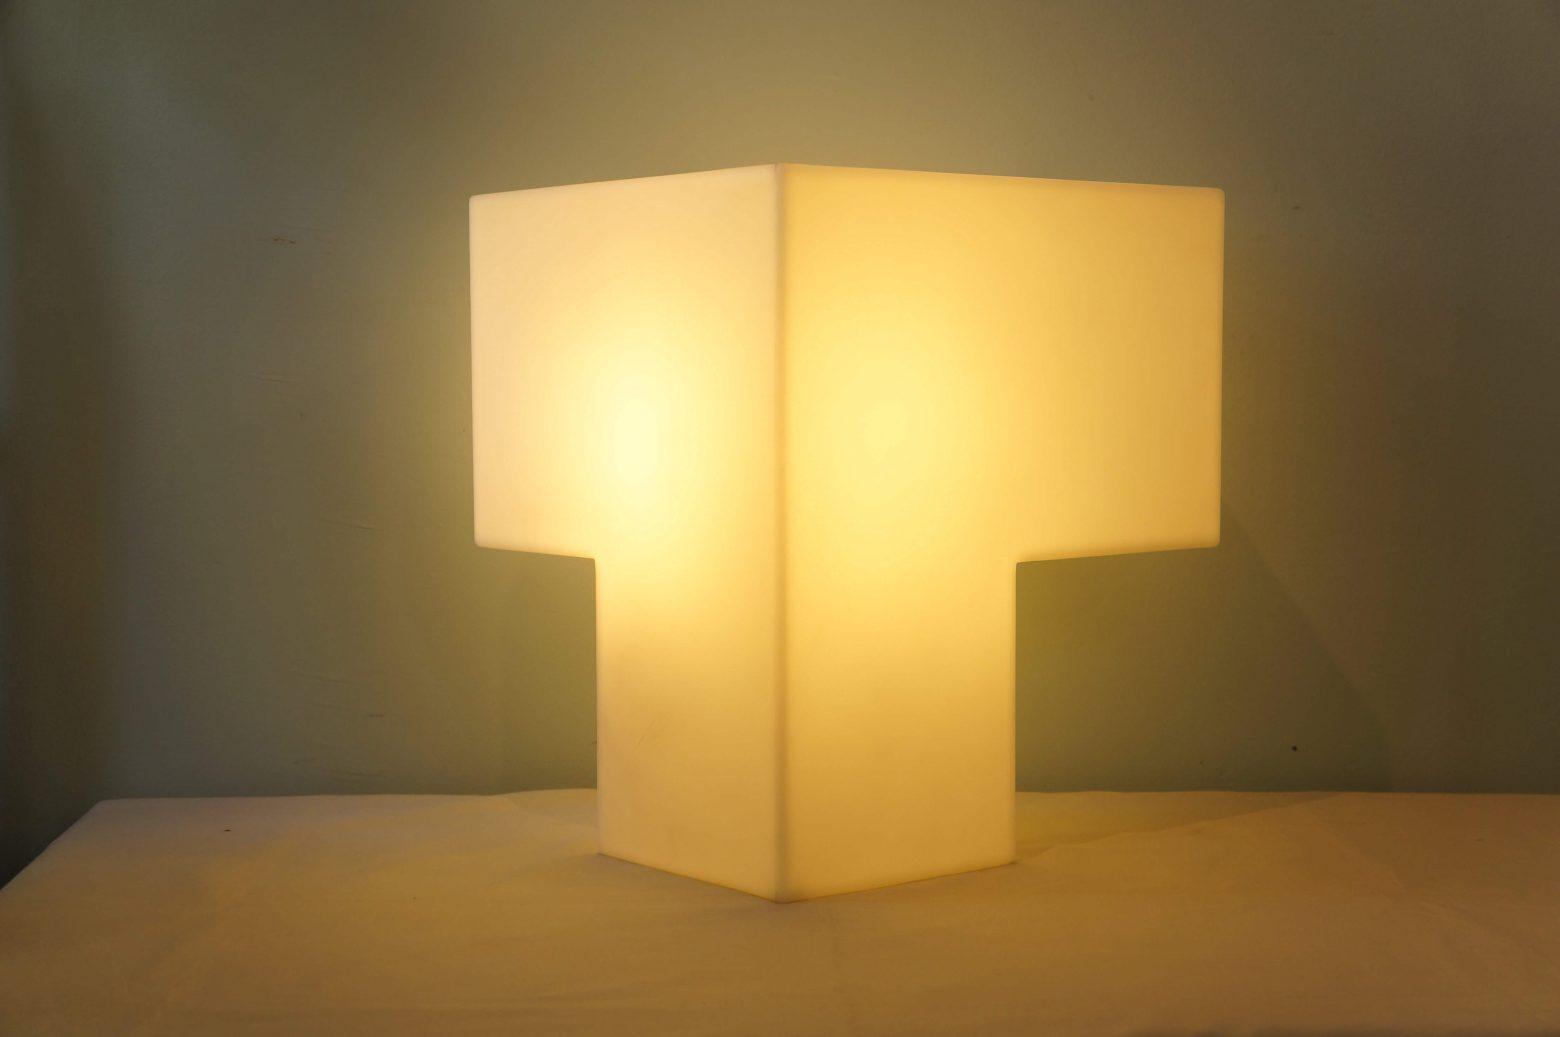 Block Cube Lamp/ブロック キューブ ランプ